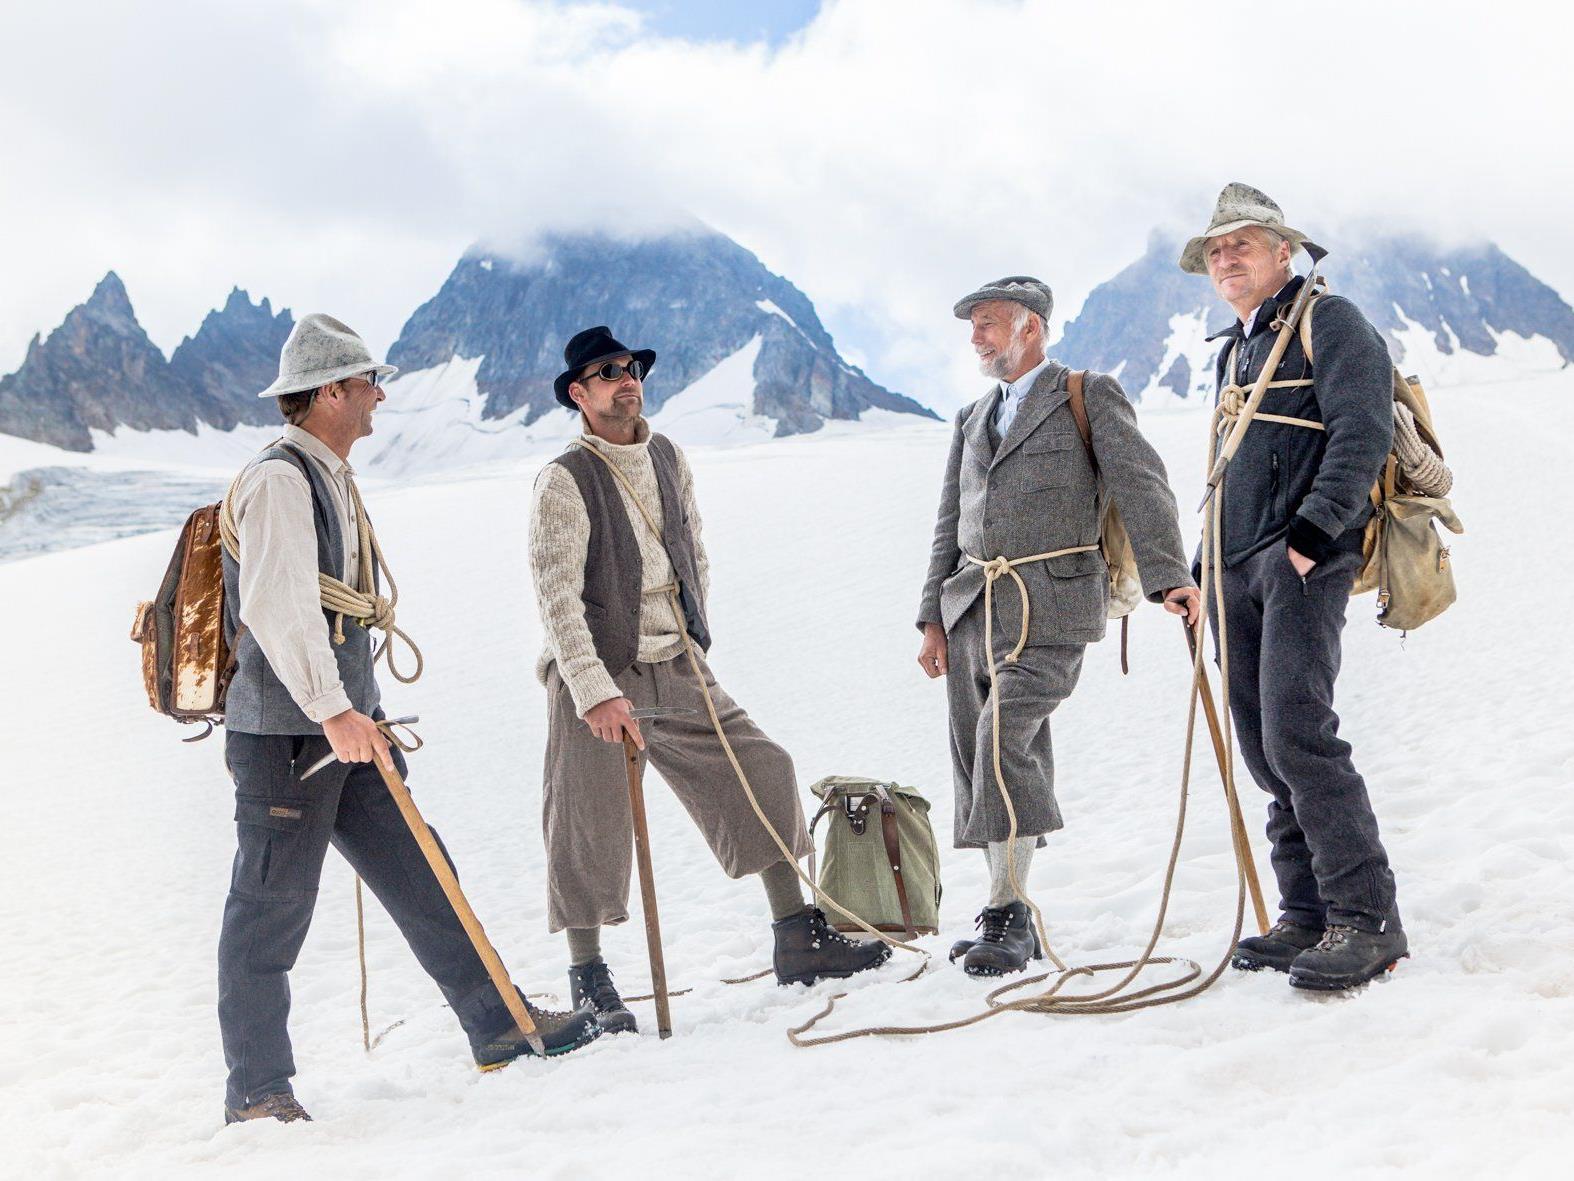 Die historische Seilschaft die die Jubläumstour 150 Jahre Piz Buin Erstbesteigung angeführt hat.